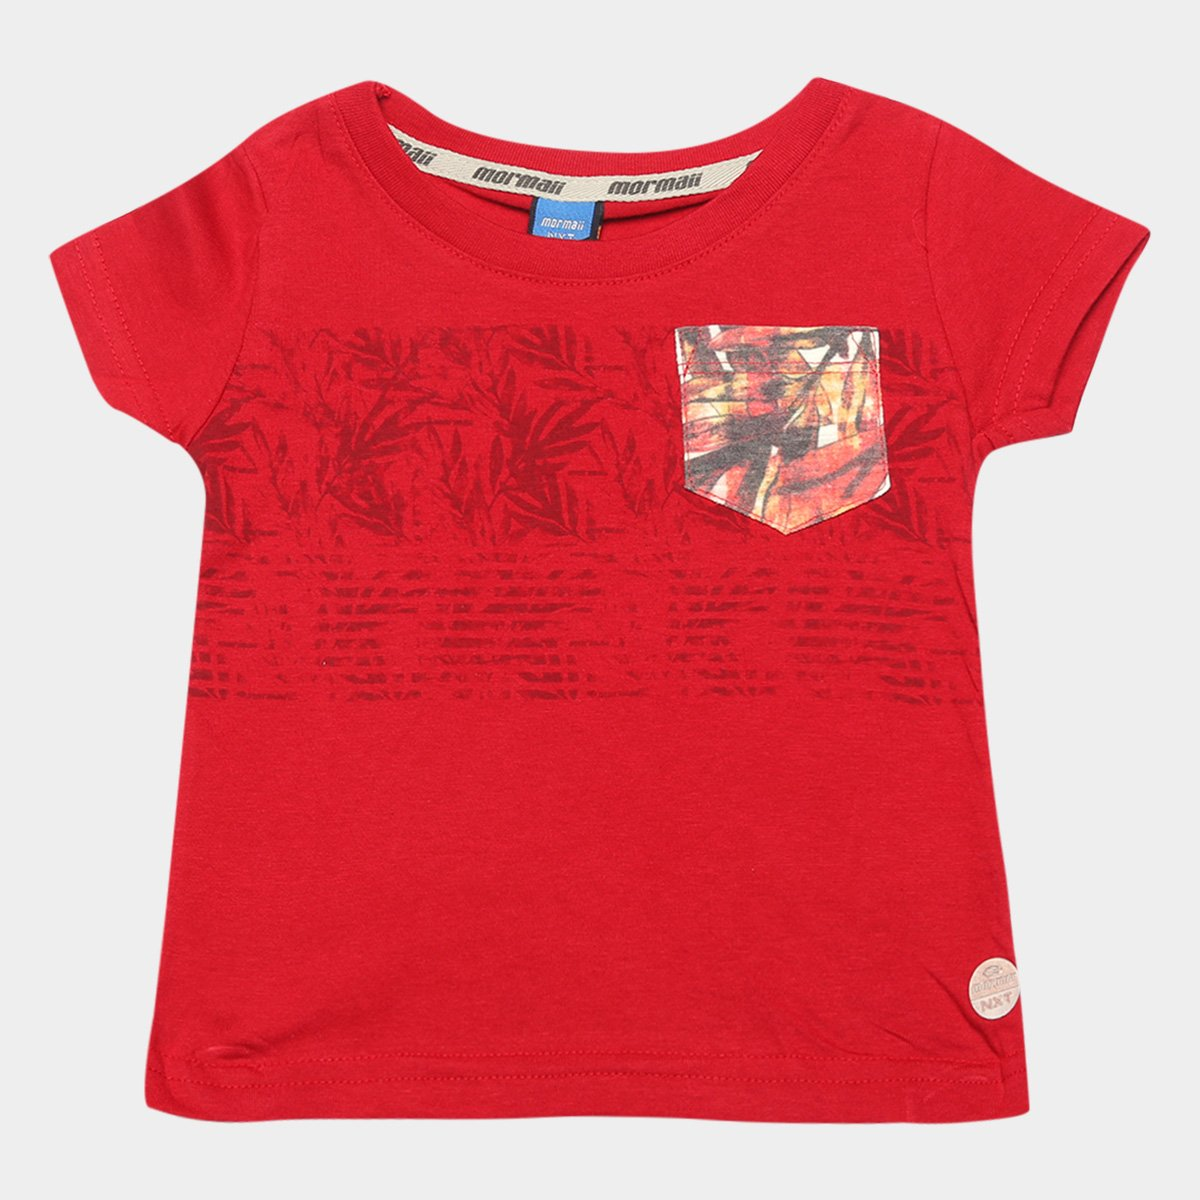 Camiseta Infantil Mormaii Tropical Masculina